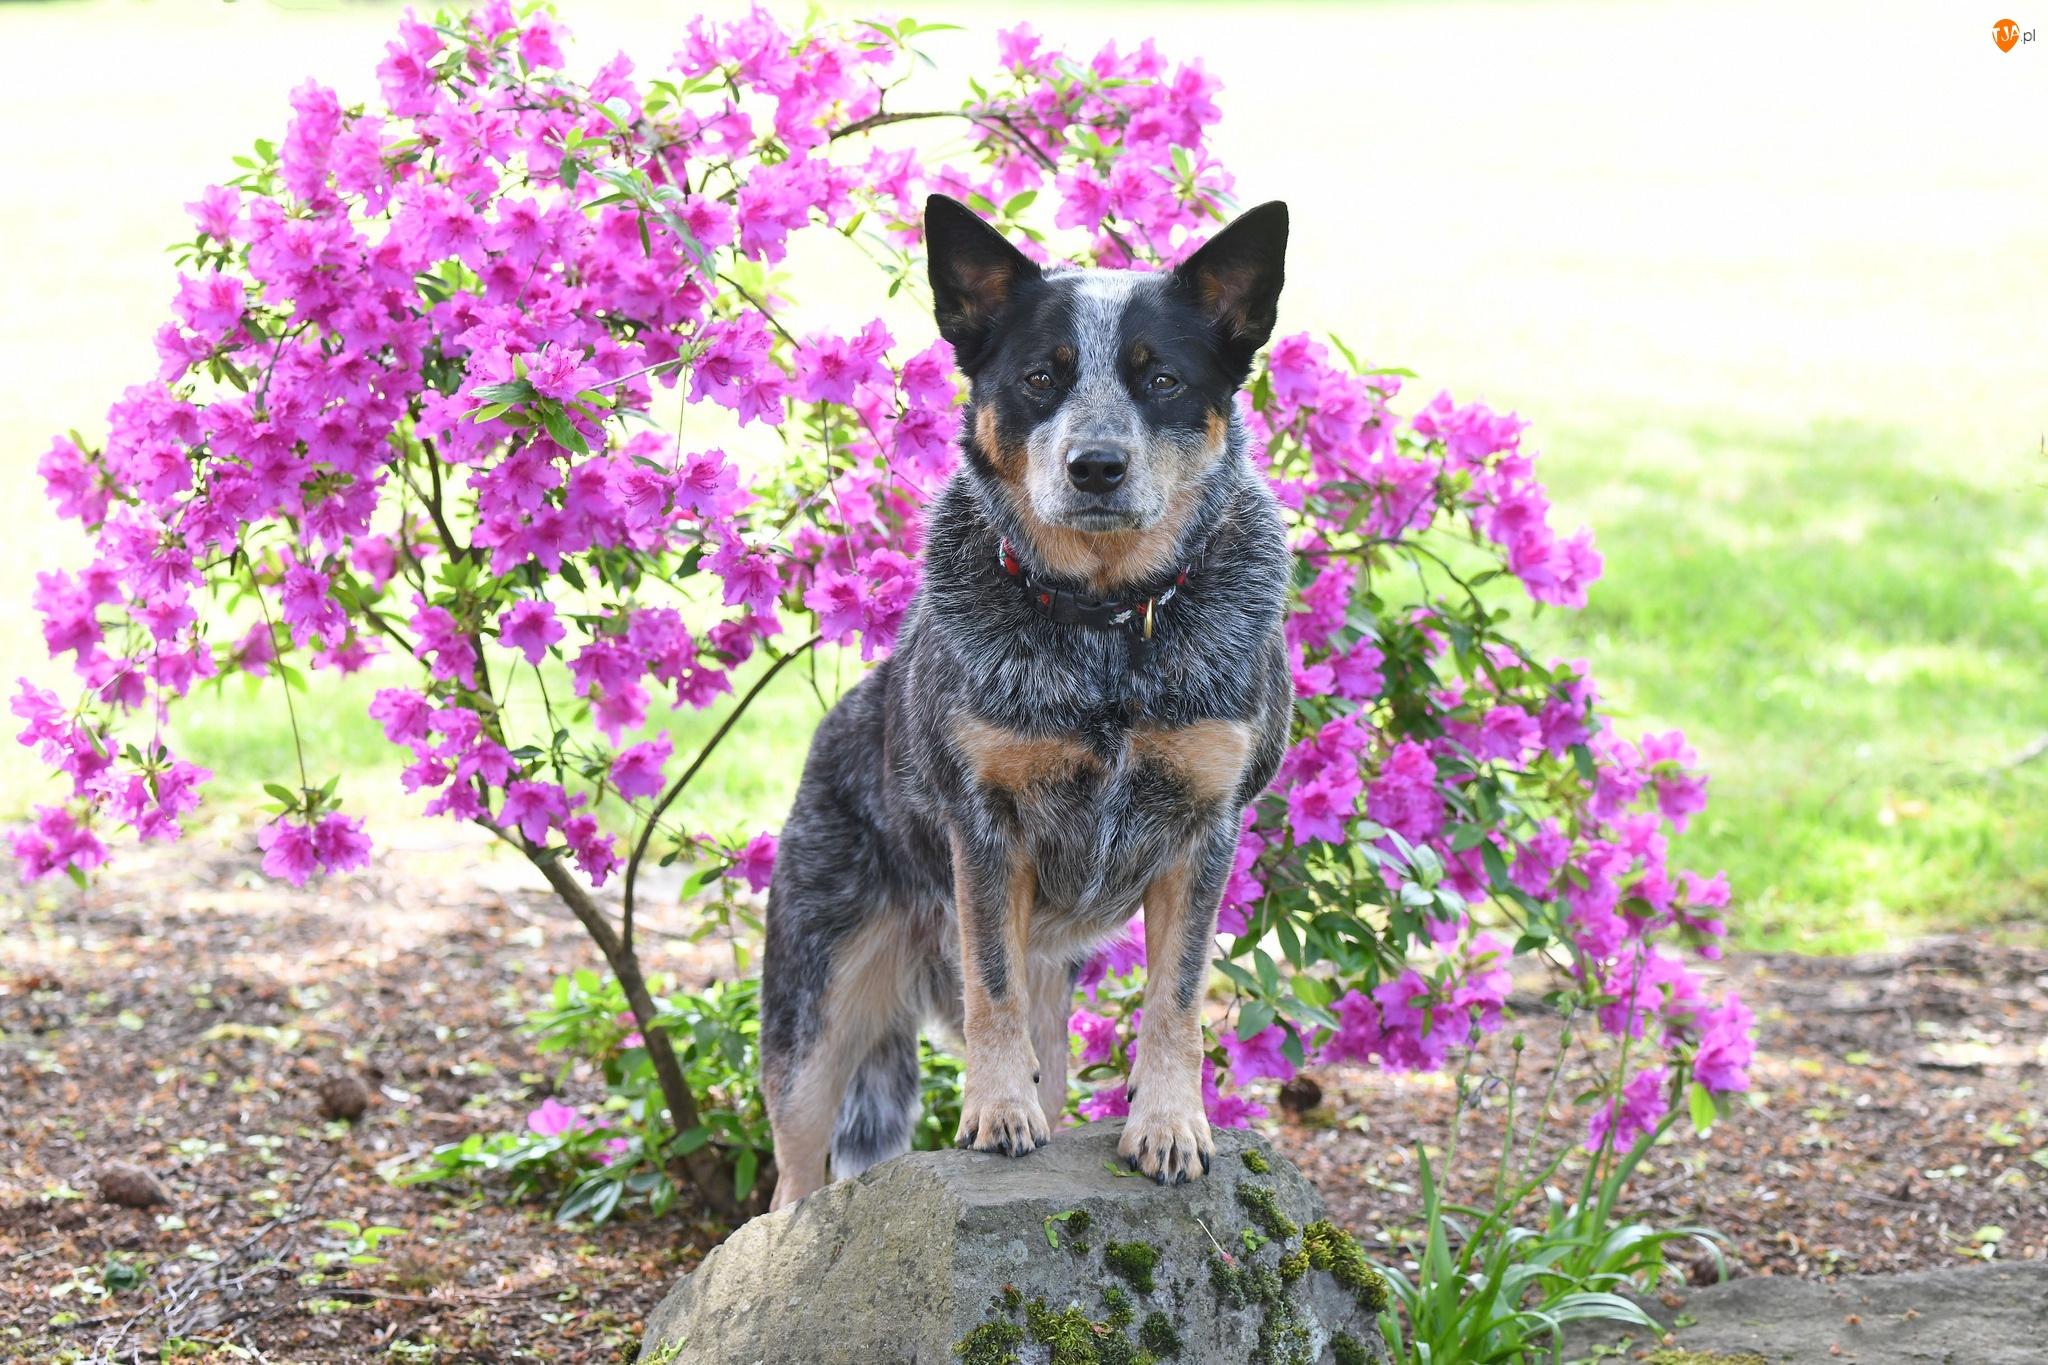 Obroża, Różanecznik, Australian cattle dog, Pies, Kwiaty